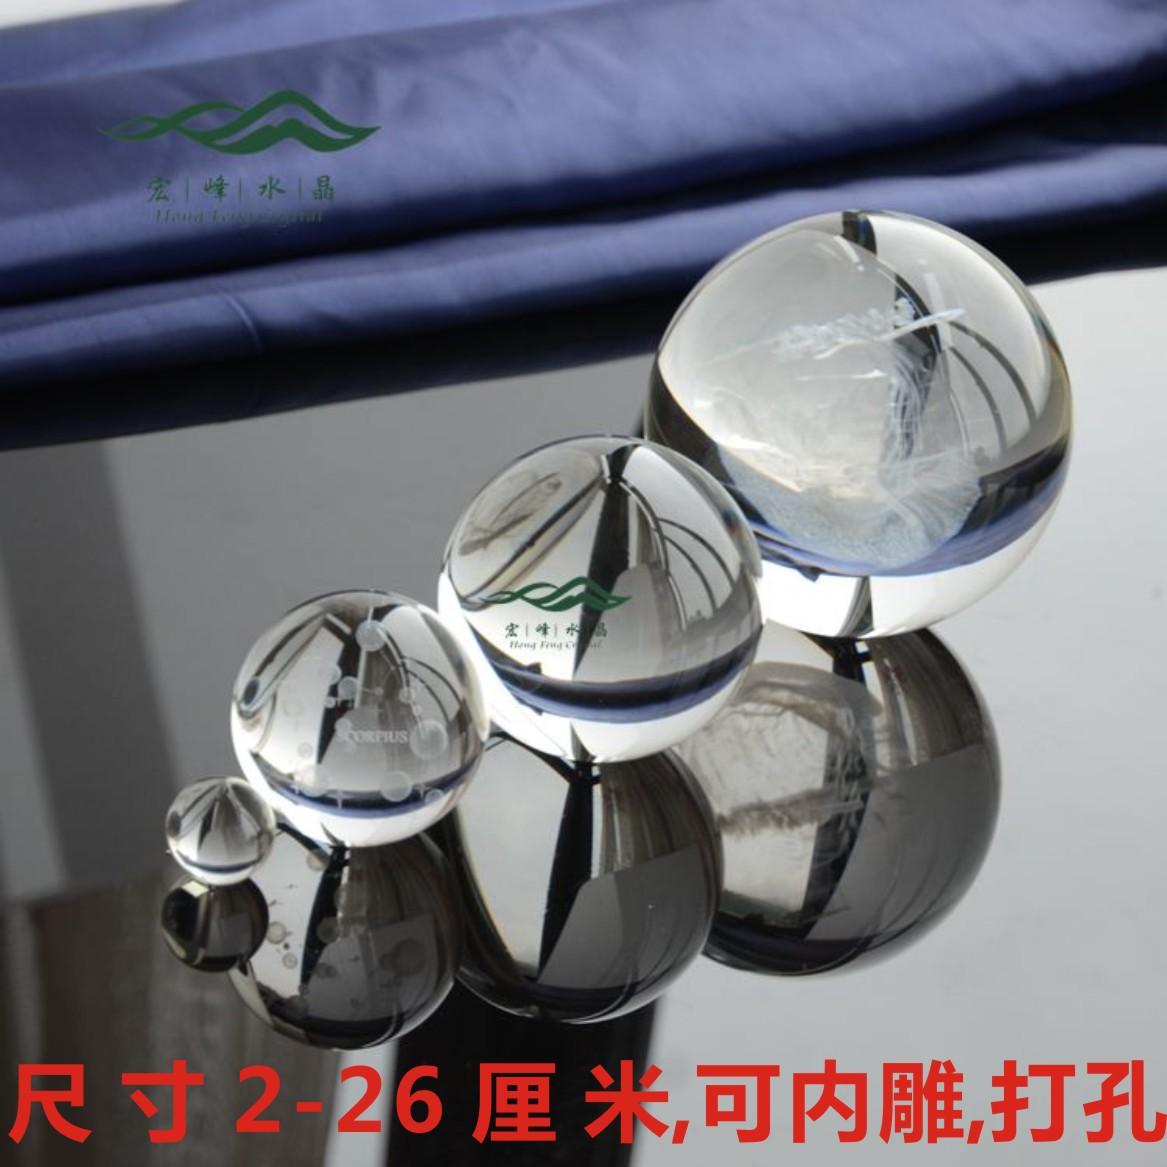 浦江厂家 水晶球 一手货源 可3D内雕  刻字  打孔   玻璃光球